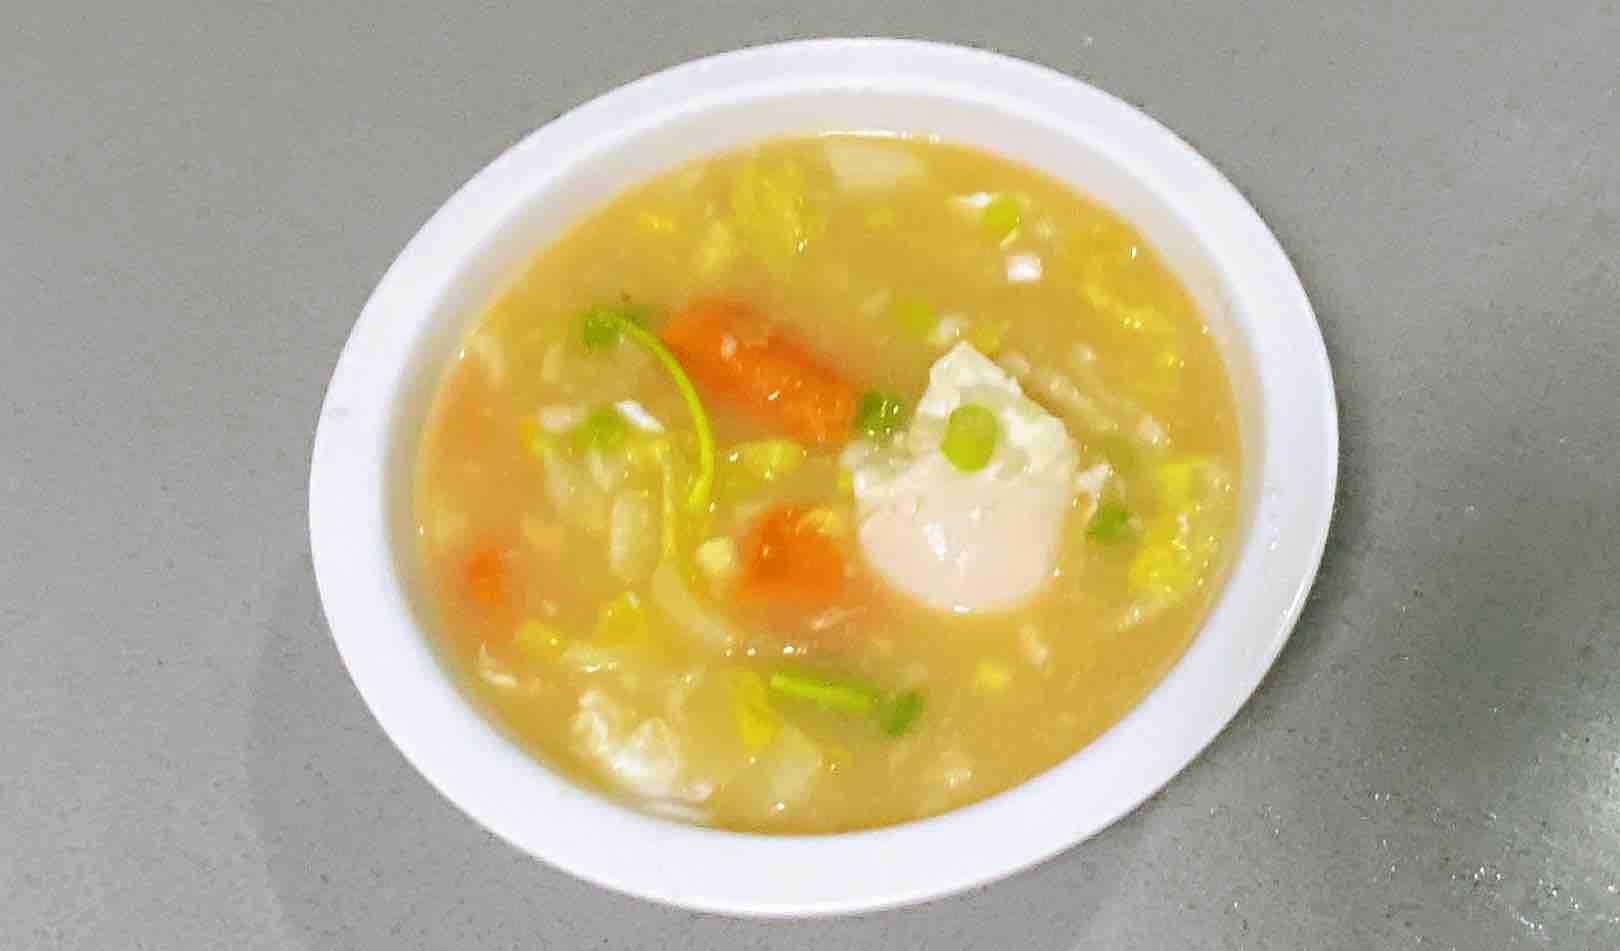 【孕妇食谱】红薯疙瘩汤,营养美味易消化,连吃三天不会腻!成品图